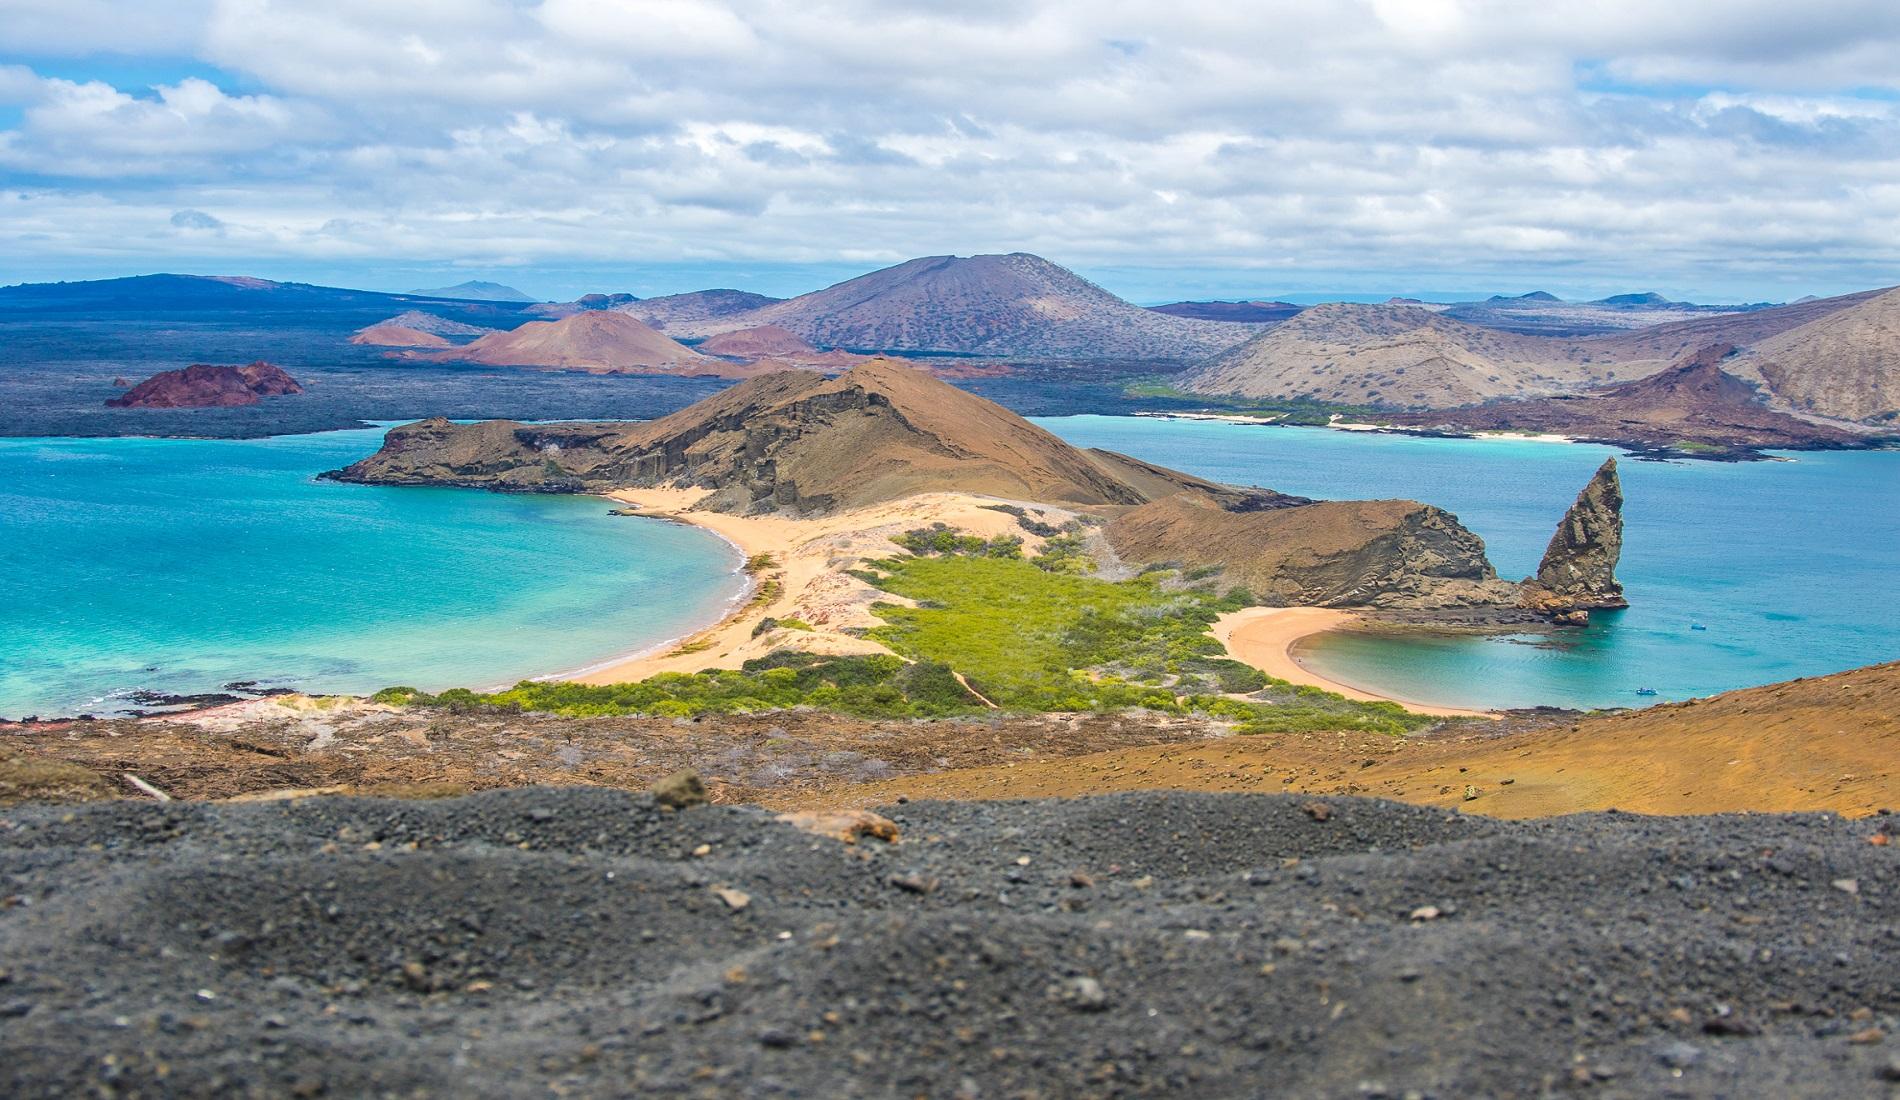 eilandhoppen galapagos eilanden bartolome